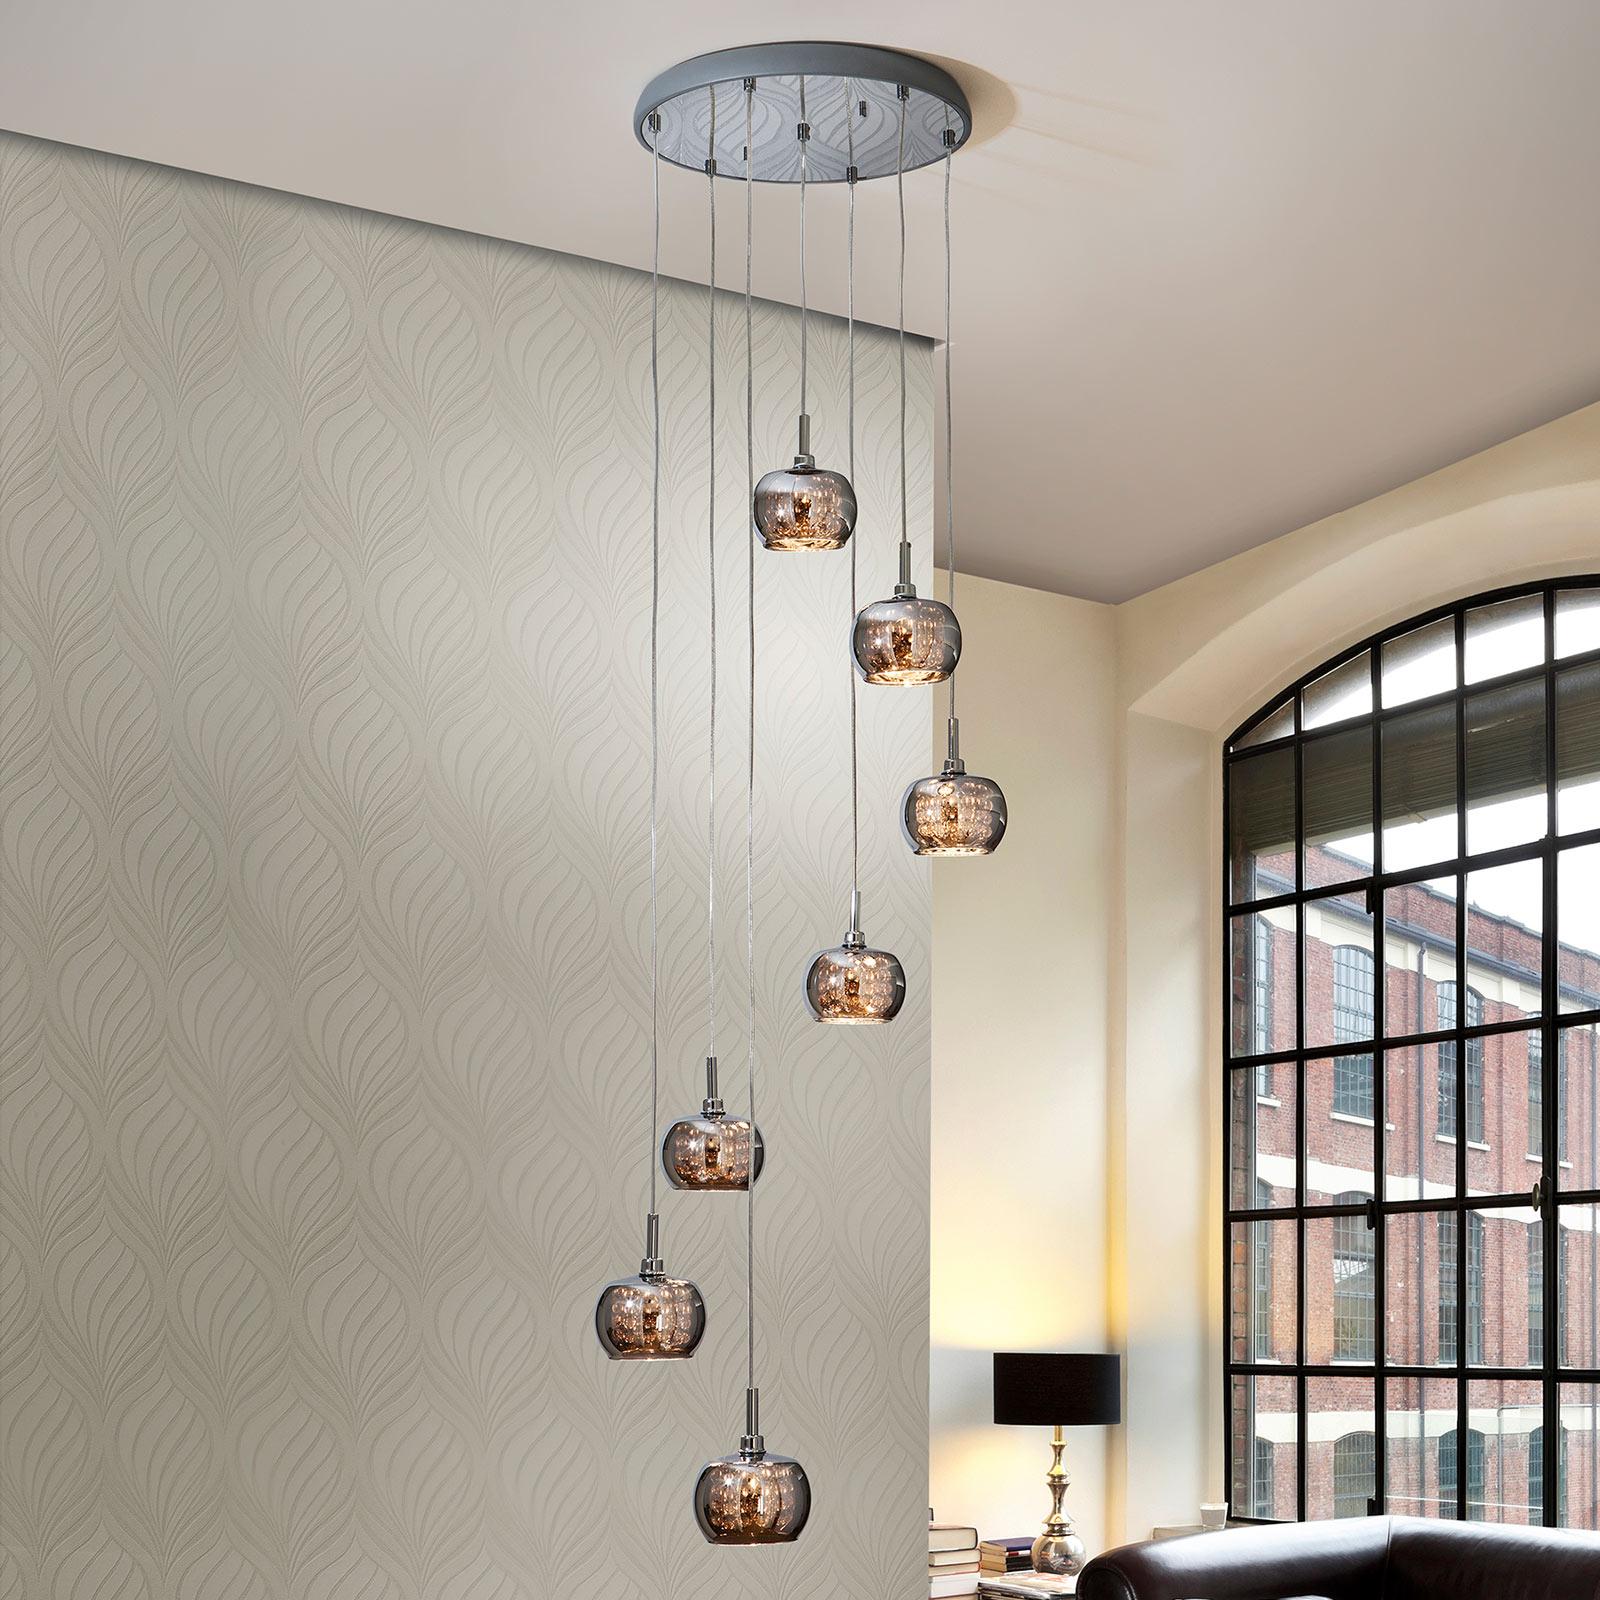 Lampa wisząca LED Arian z kryształami, 7-punktowa